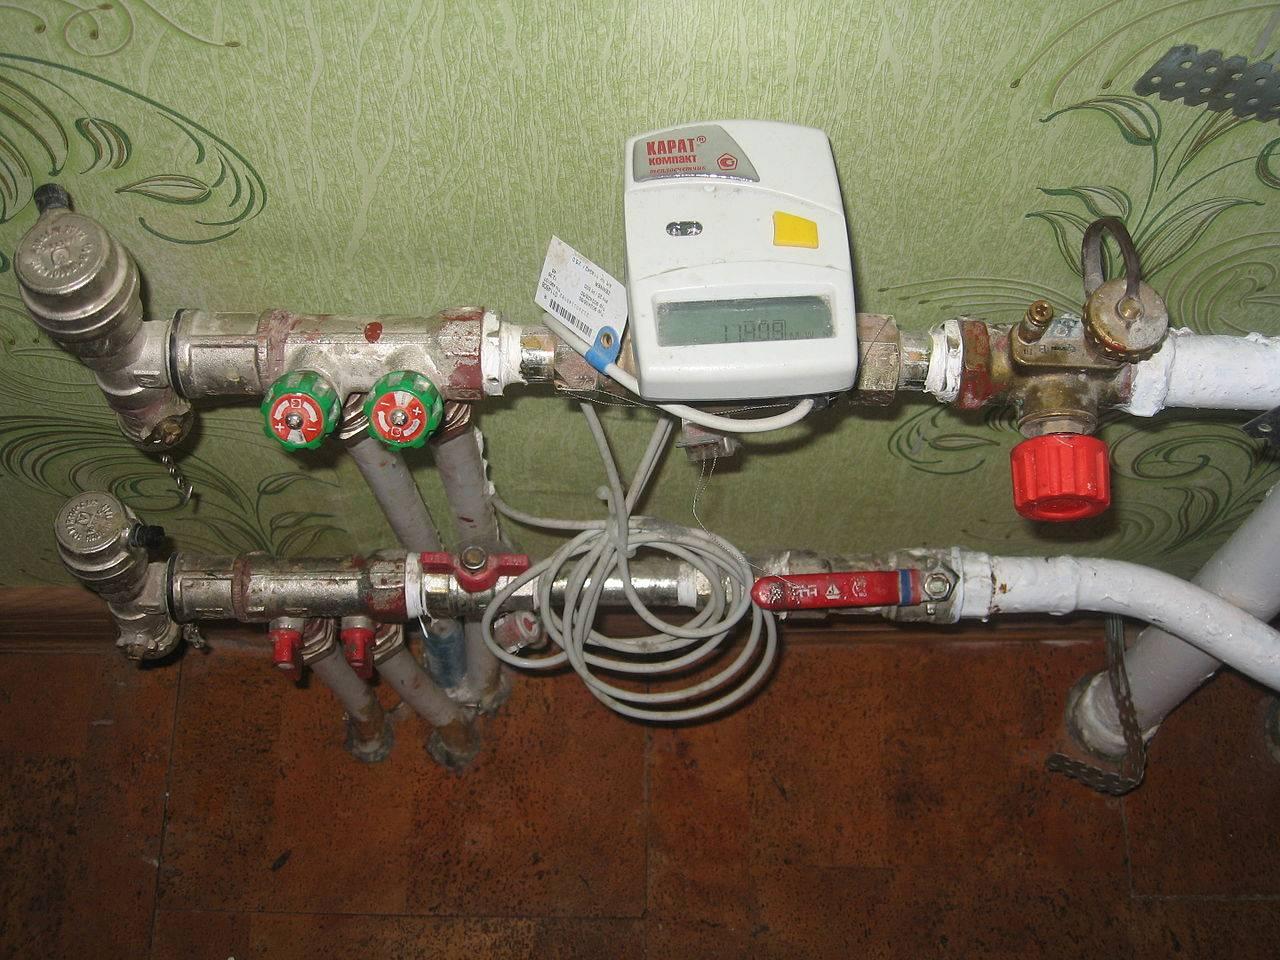 Возможна ли установка счетчика тепла в квартиру? действующее законодательство и необходимый порядок действий граждан - счетчики и учет тепла - тепло - статьи и исследования - энерговопрос.ru